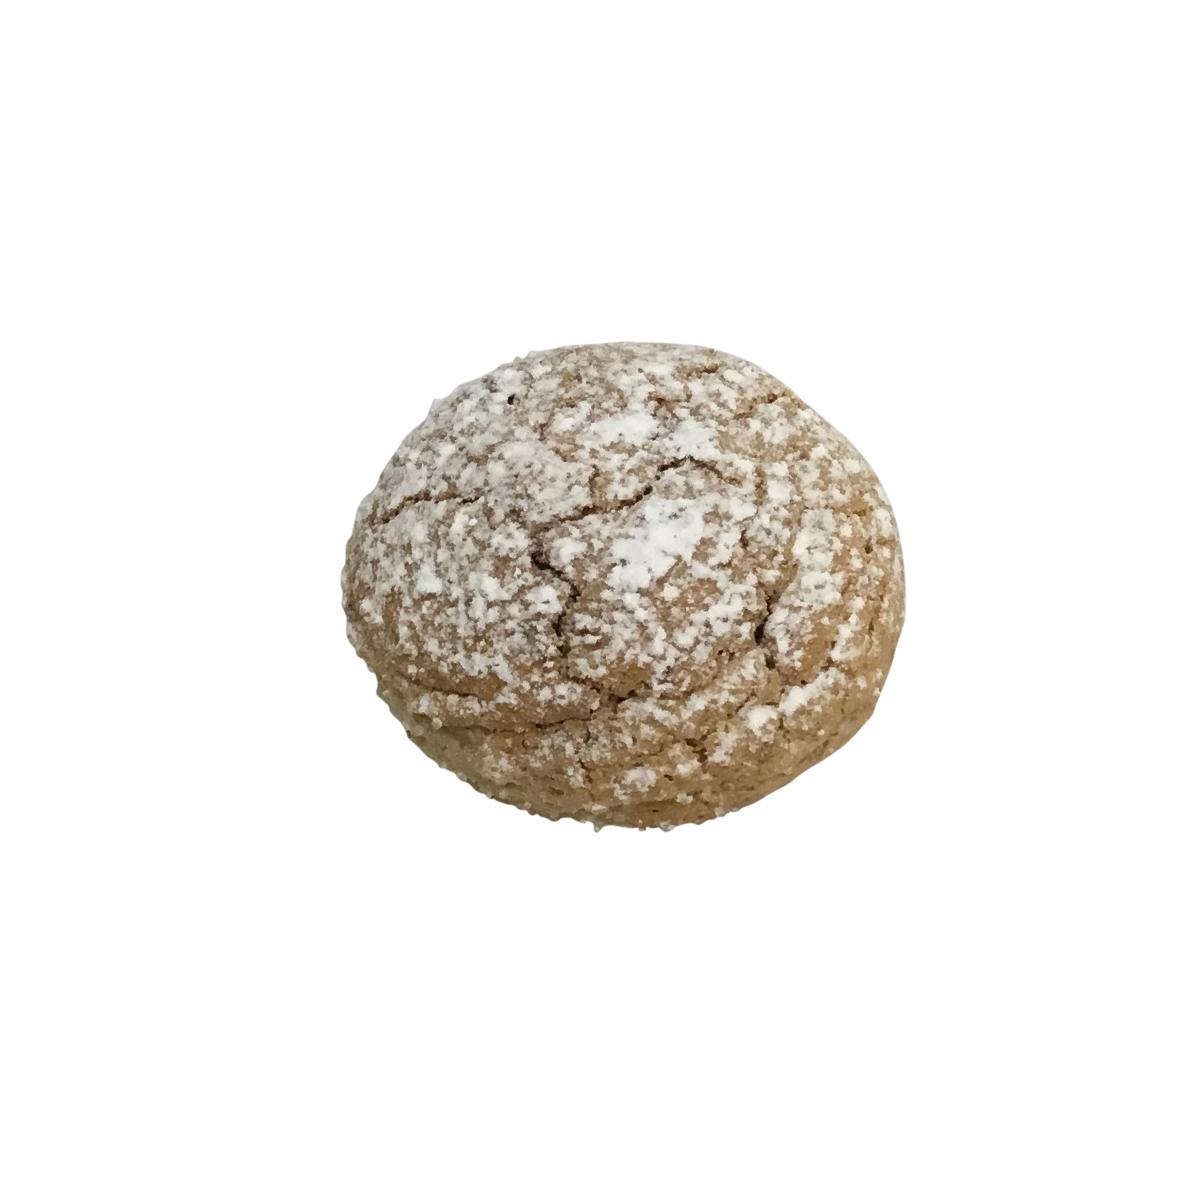 Amaretti (Gluten Free-Almond Biscuit)